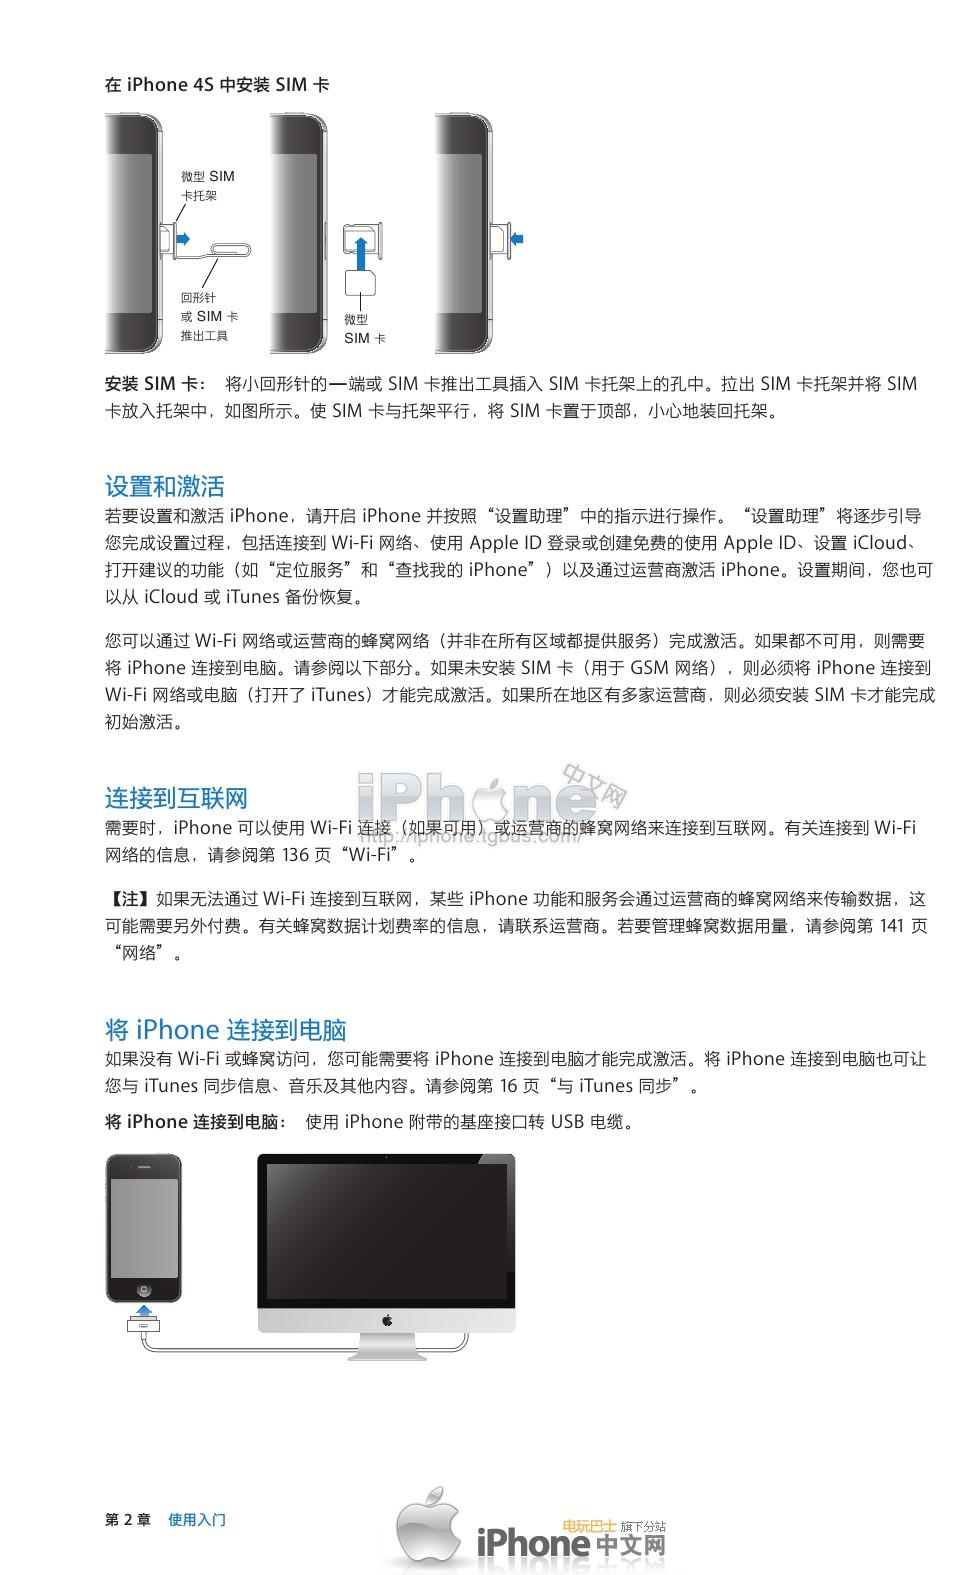 苹果iphone激活步骤_科技频道